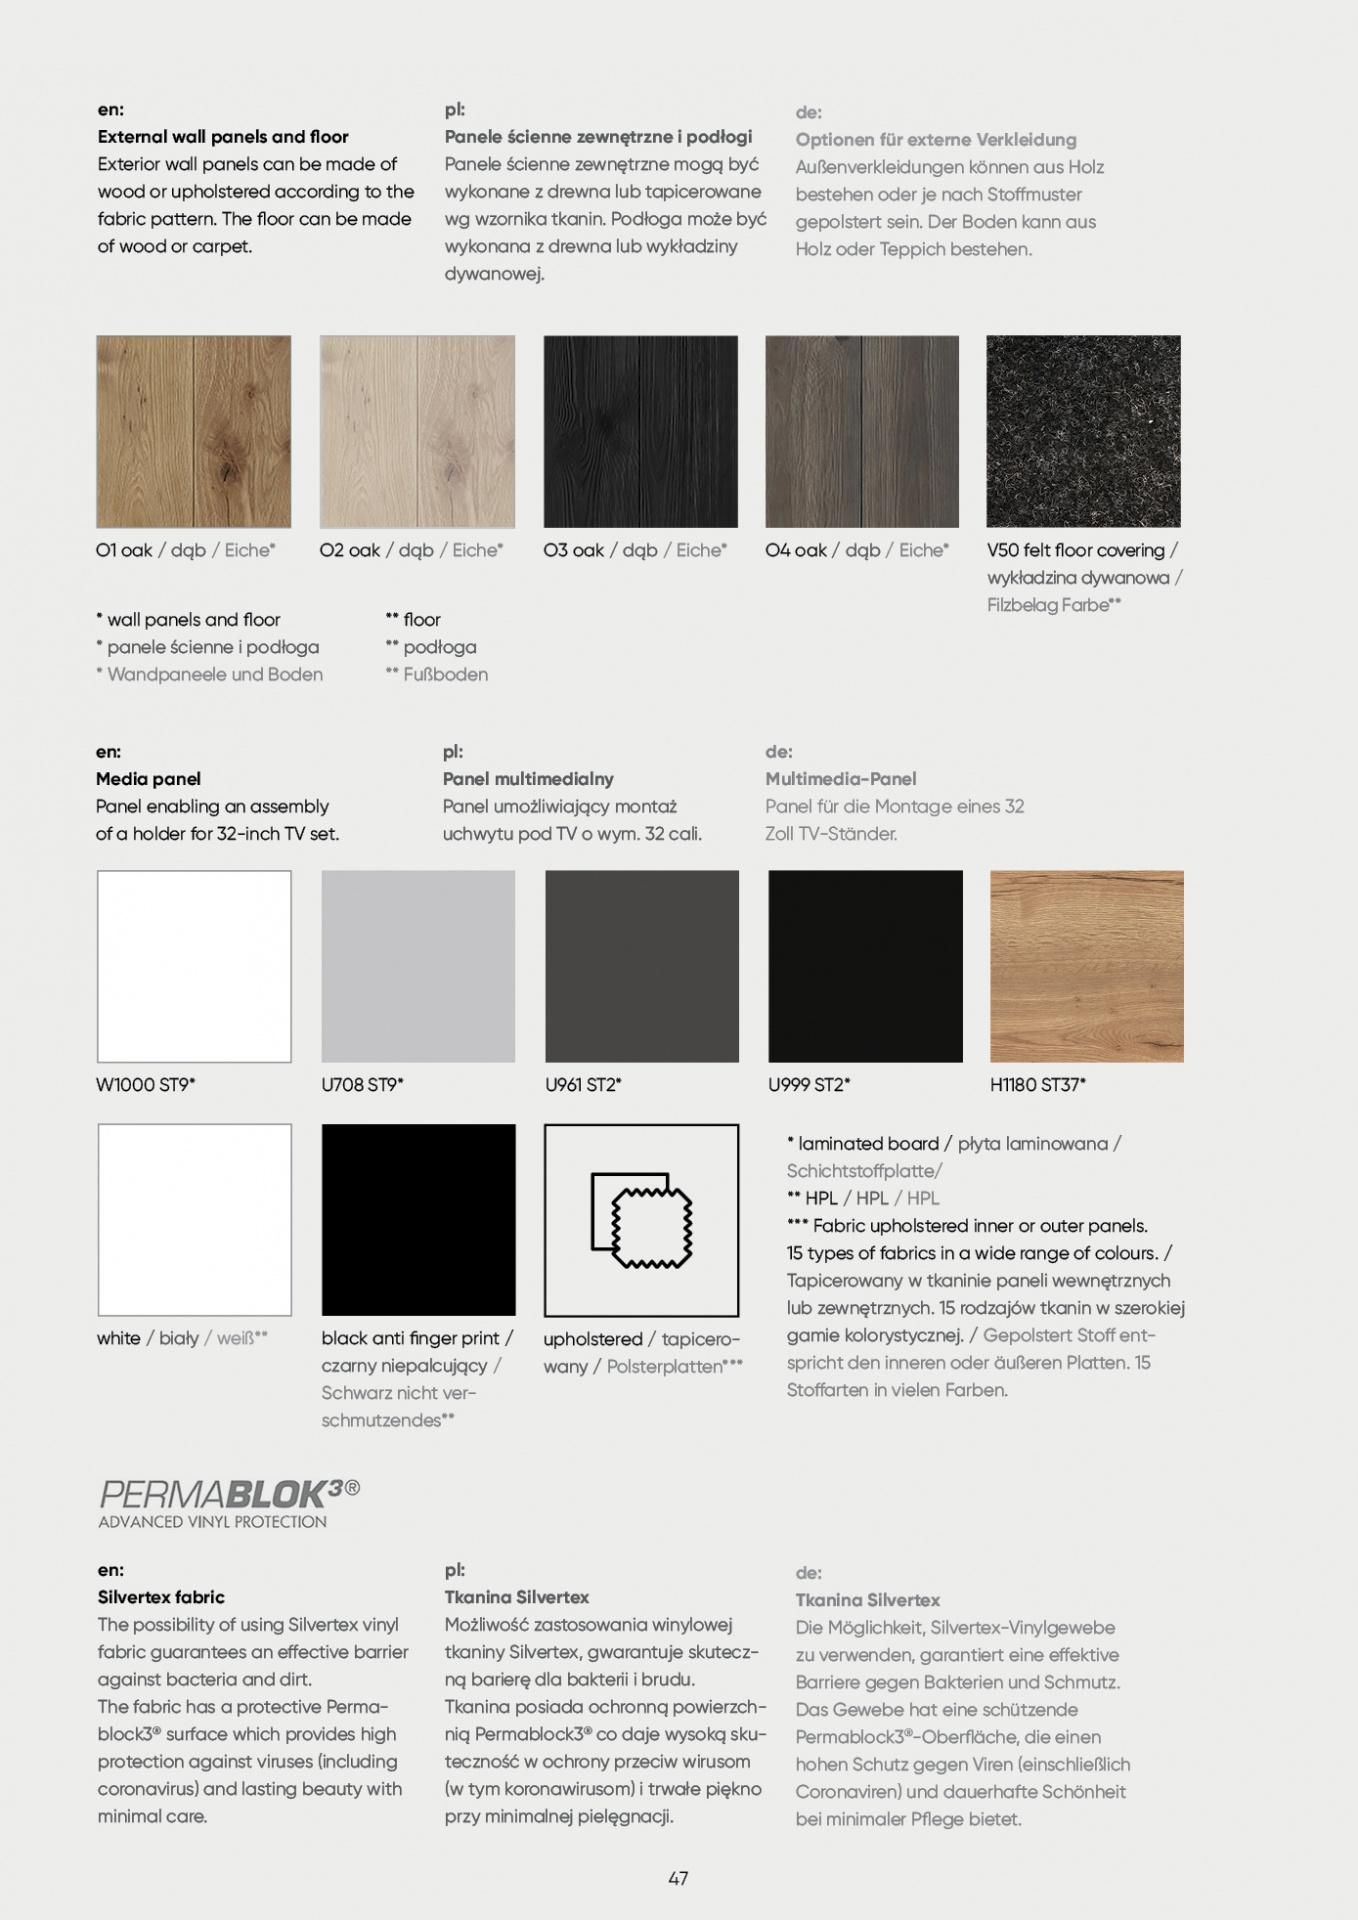 treehouse-catalogue-v2-47.jpg